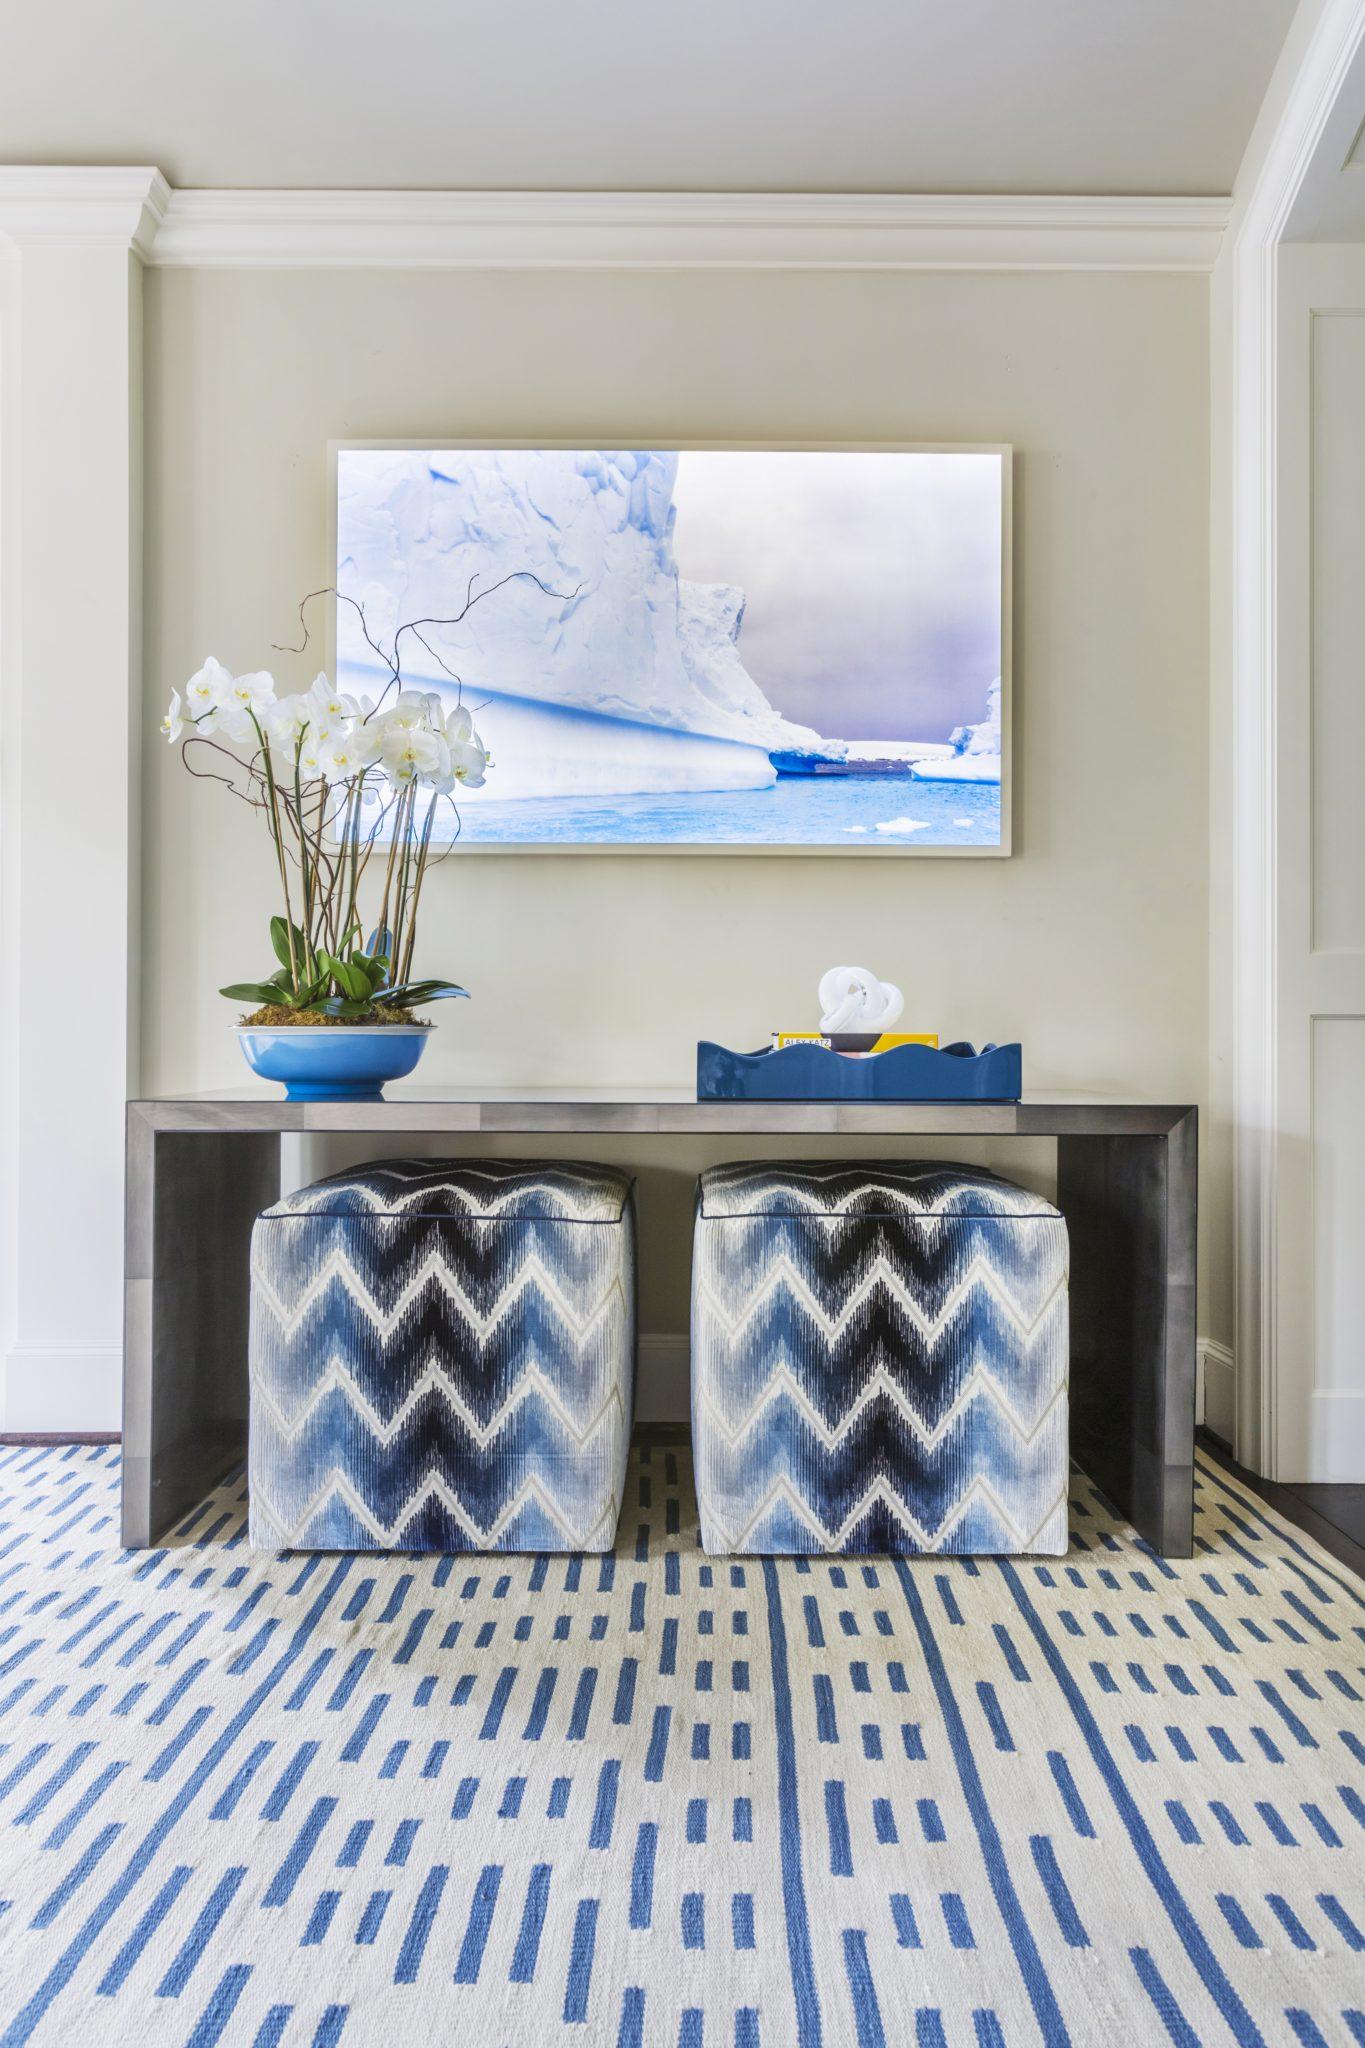 Mãn nhãn với những bộ thảm trải sàn mang họa tiết hình học - Ảnh 6.